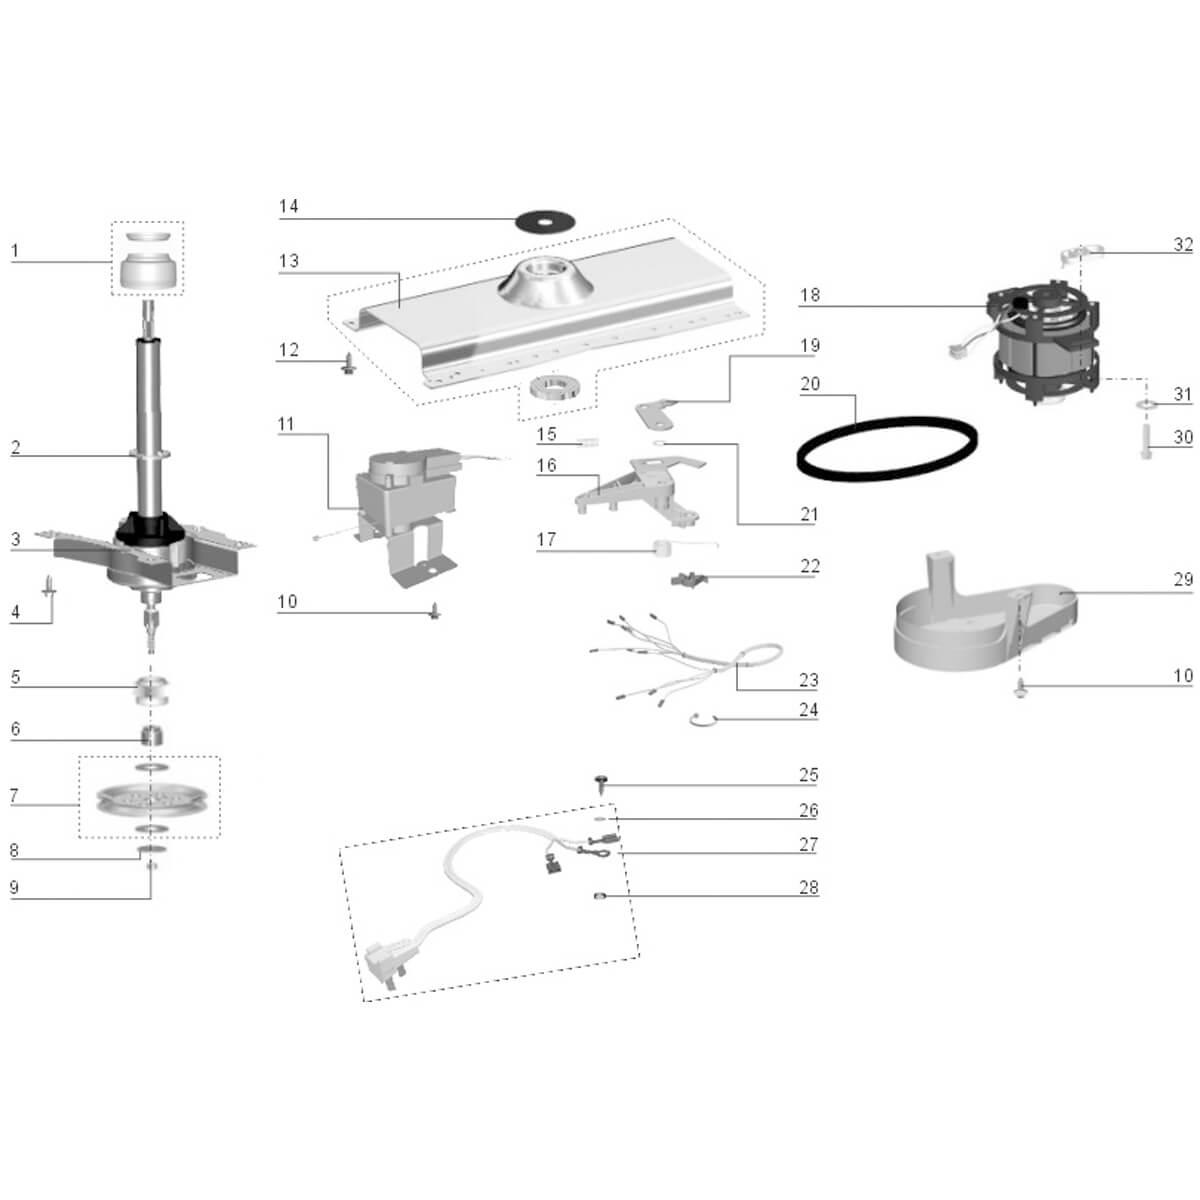 Conjunto De Selo Mecânico Para Lavadoras De Roupa Electrolux Inpacom - 51041128 EL 6/EL 8/LF75